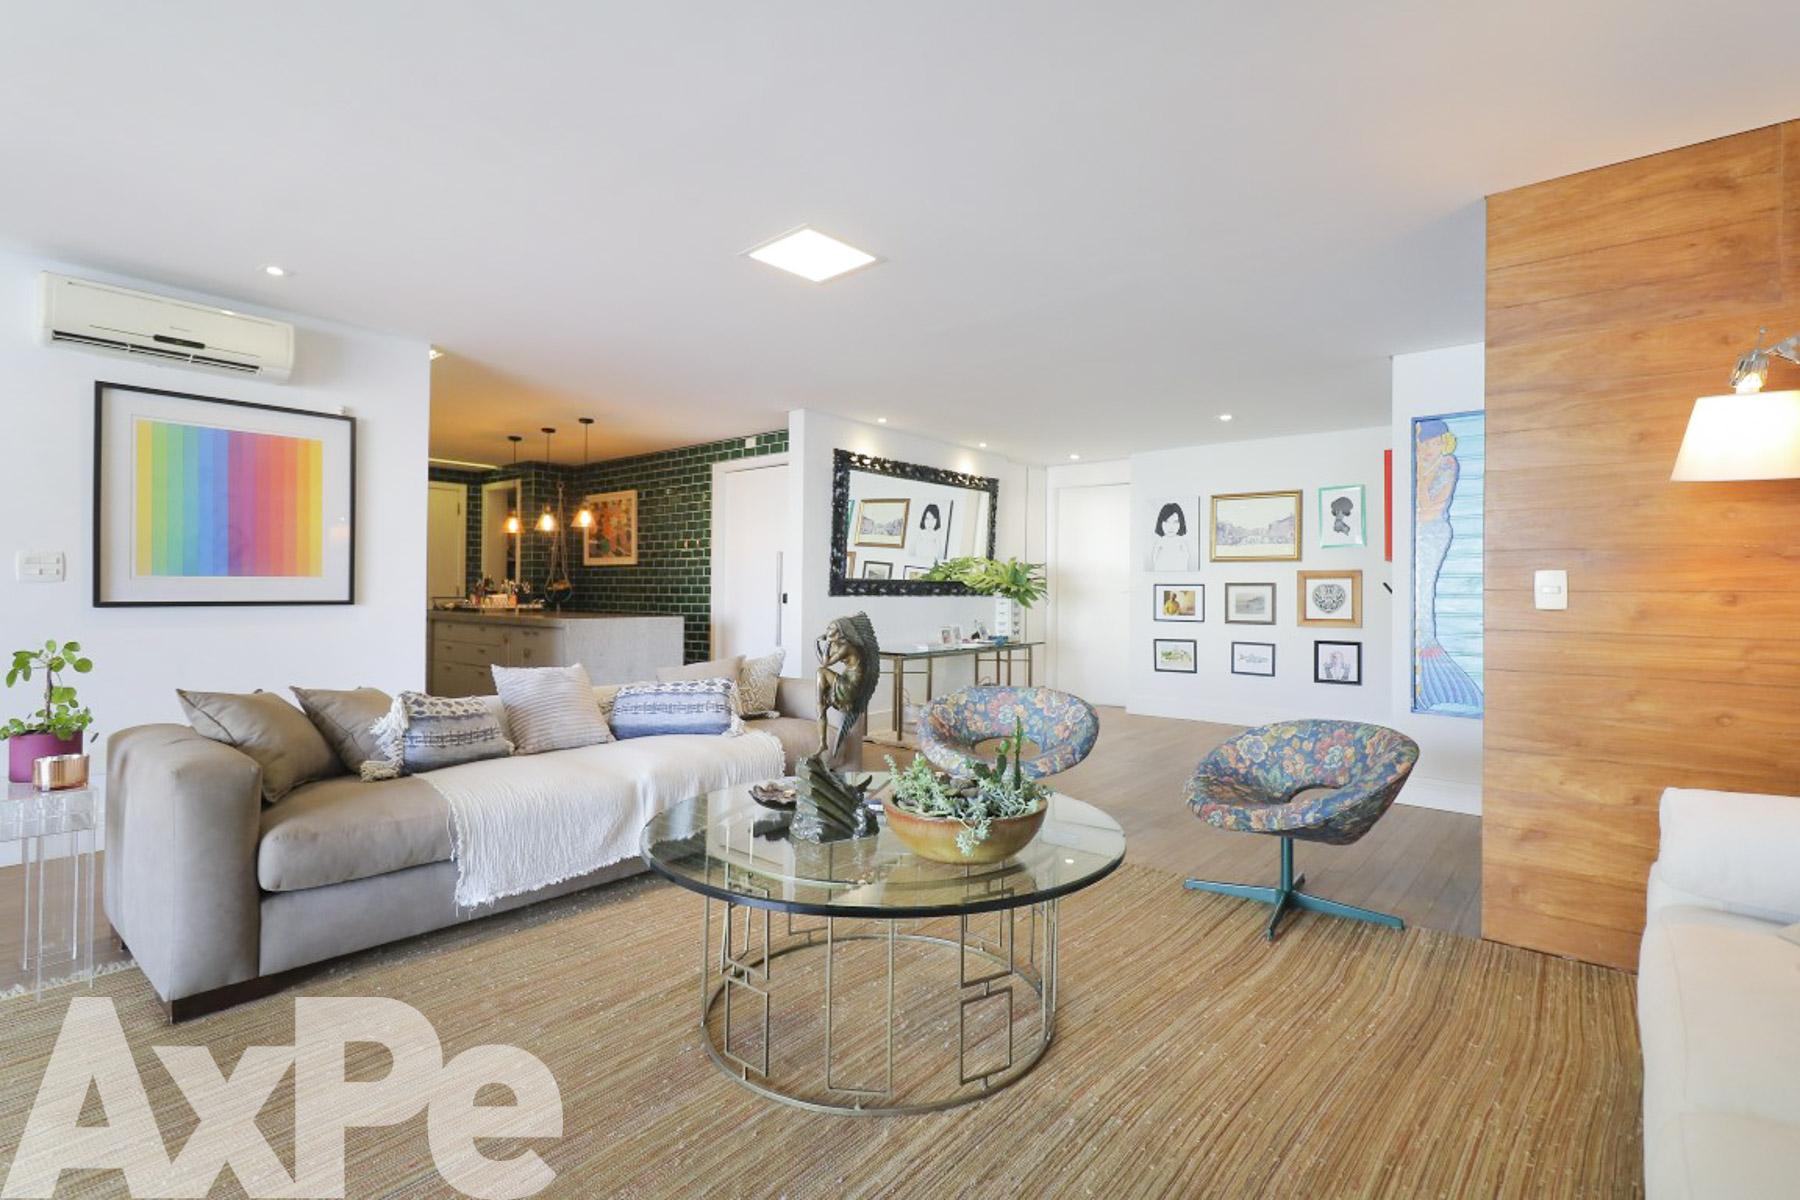 Axpe Apartamento - AX3217